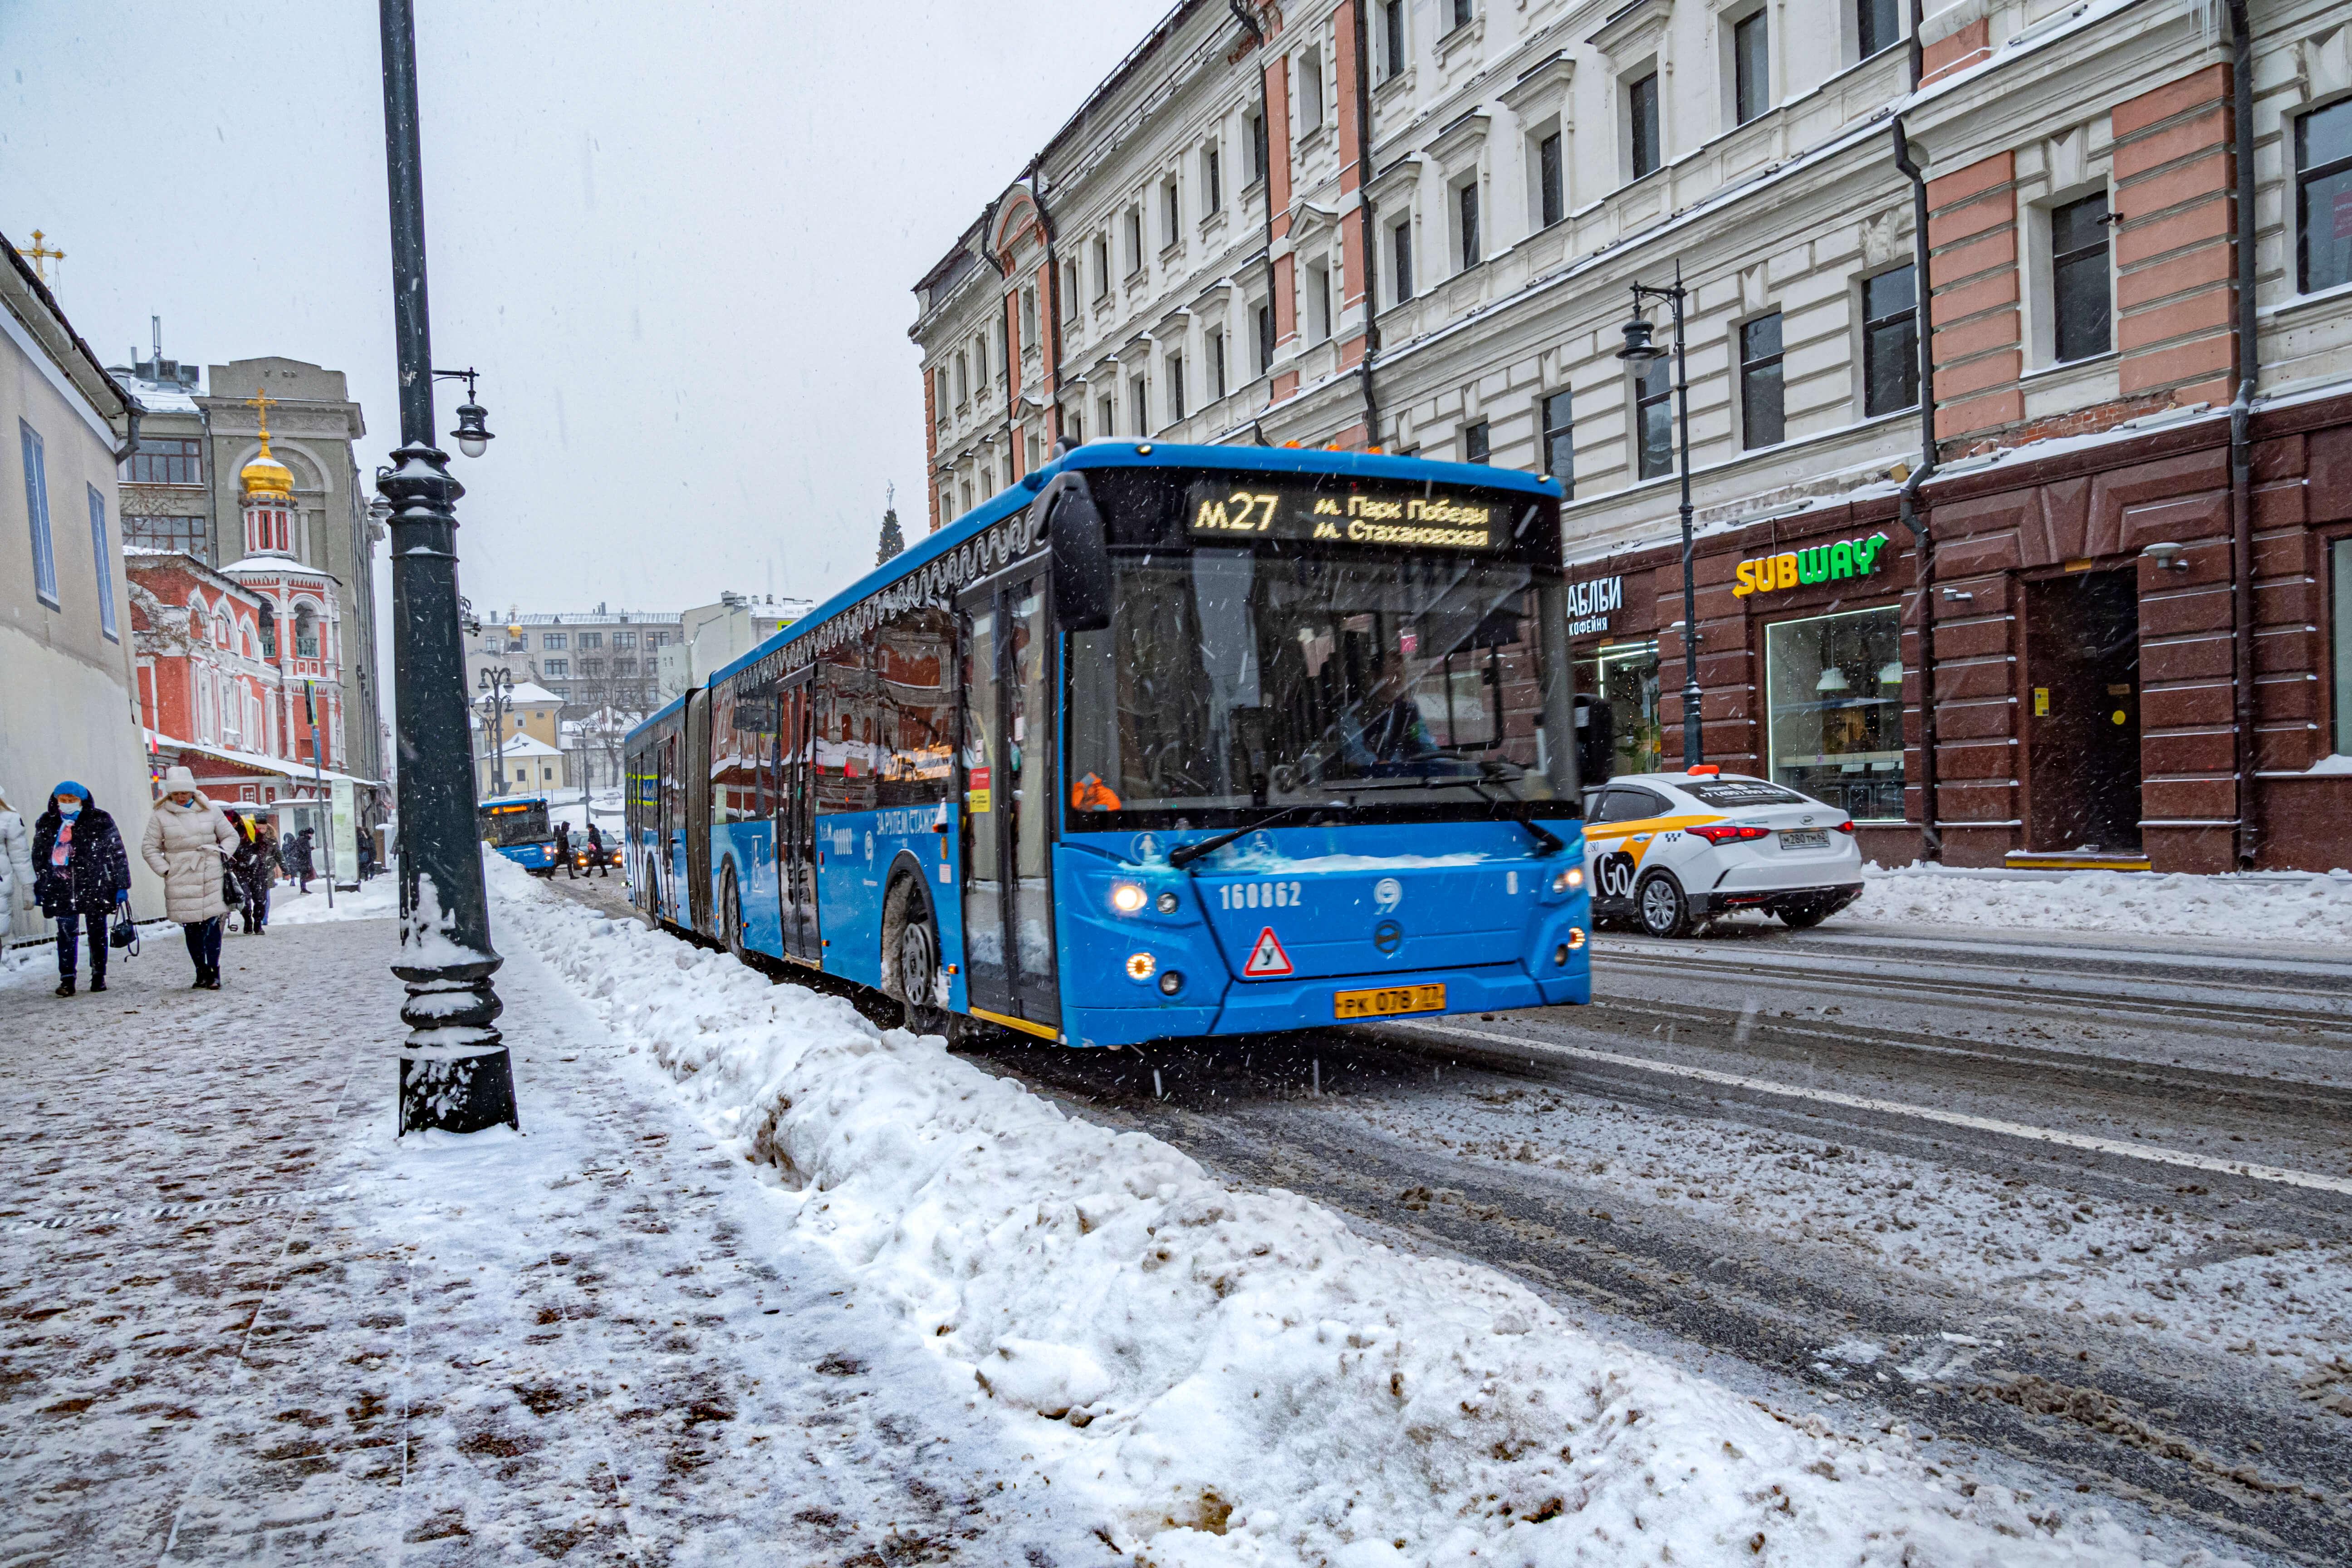 В Сургуте избили пассажира автобуса за критику Владимира Путина